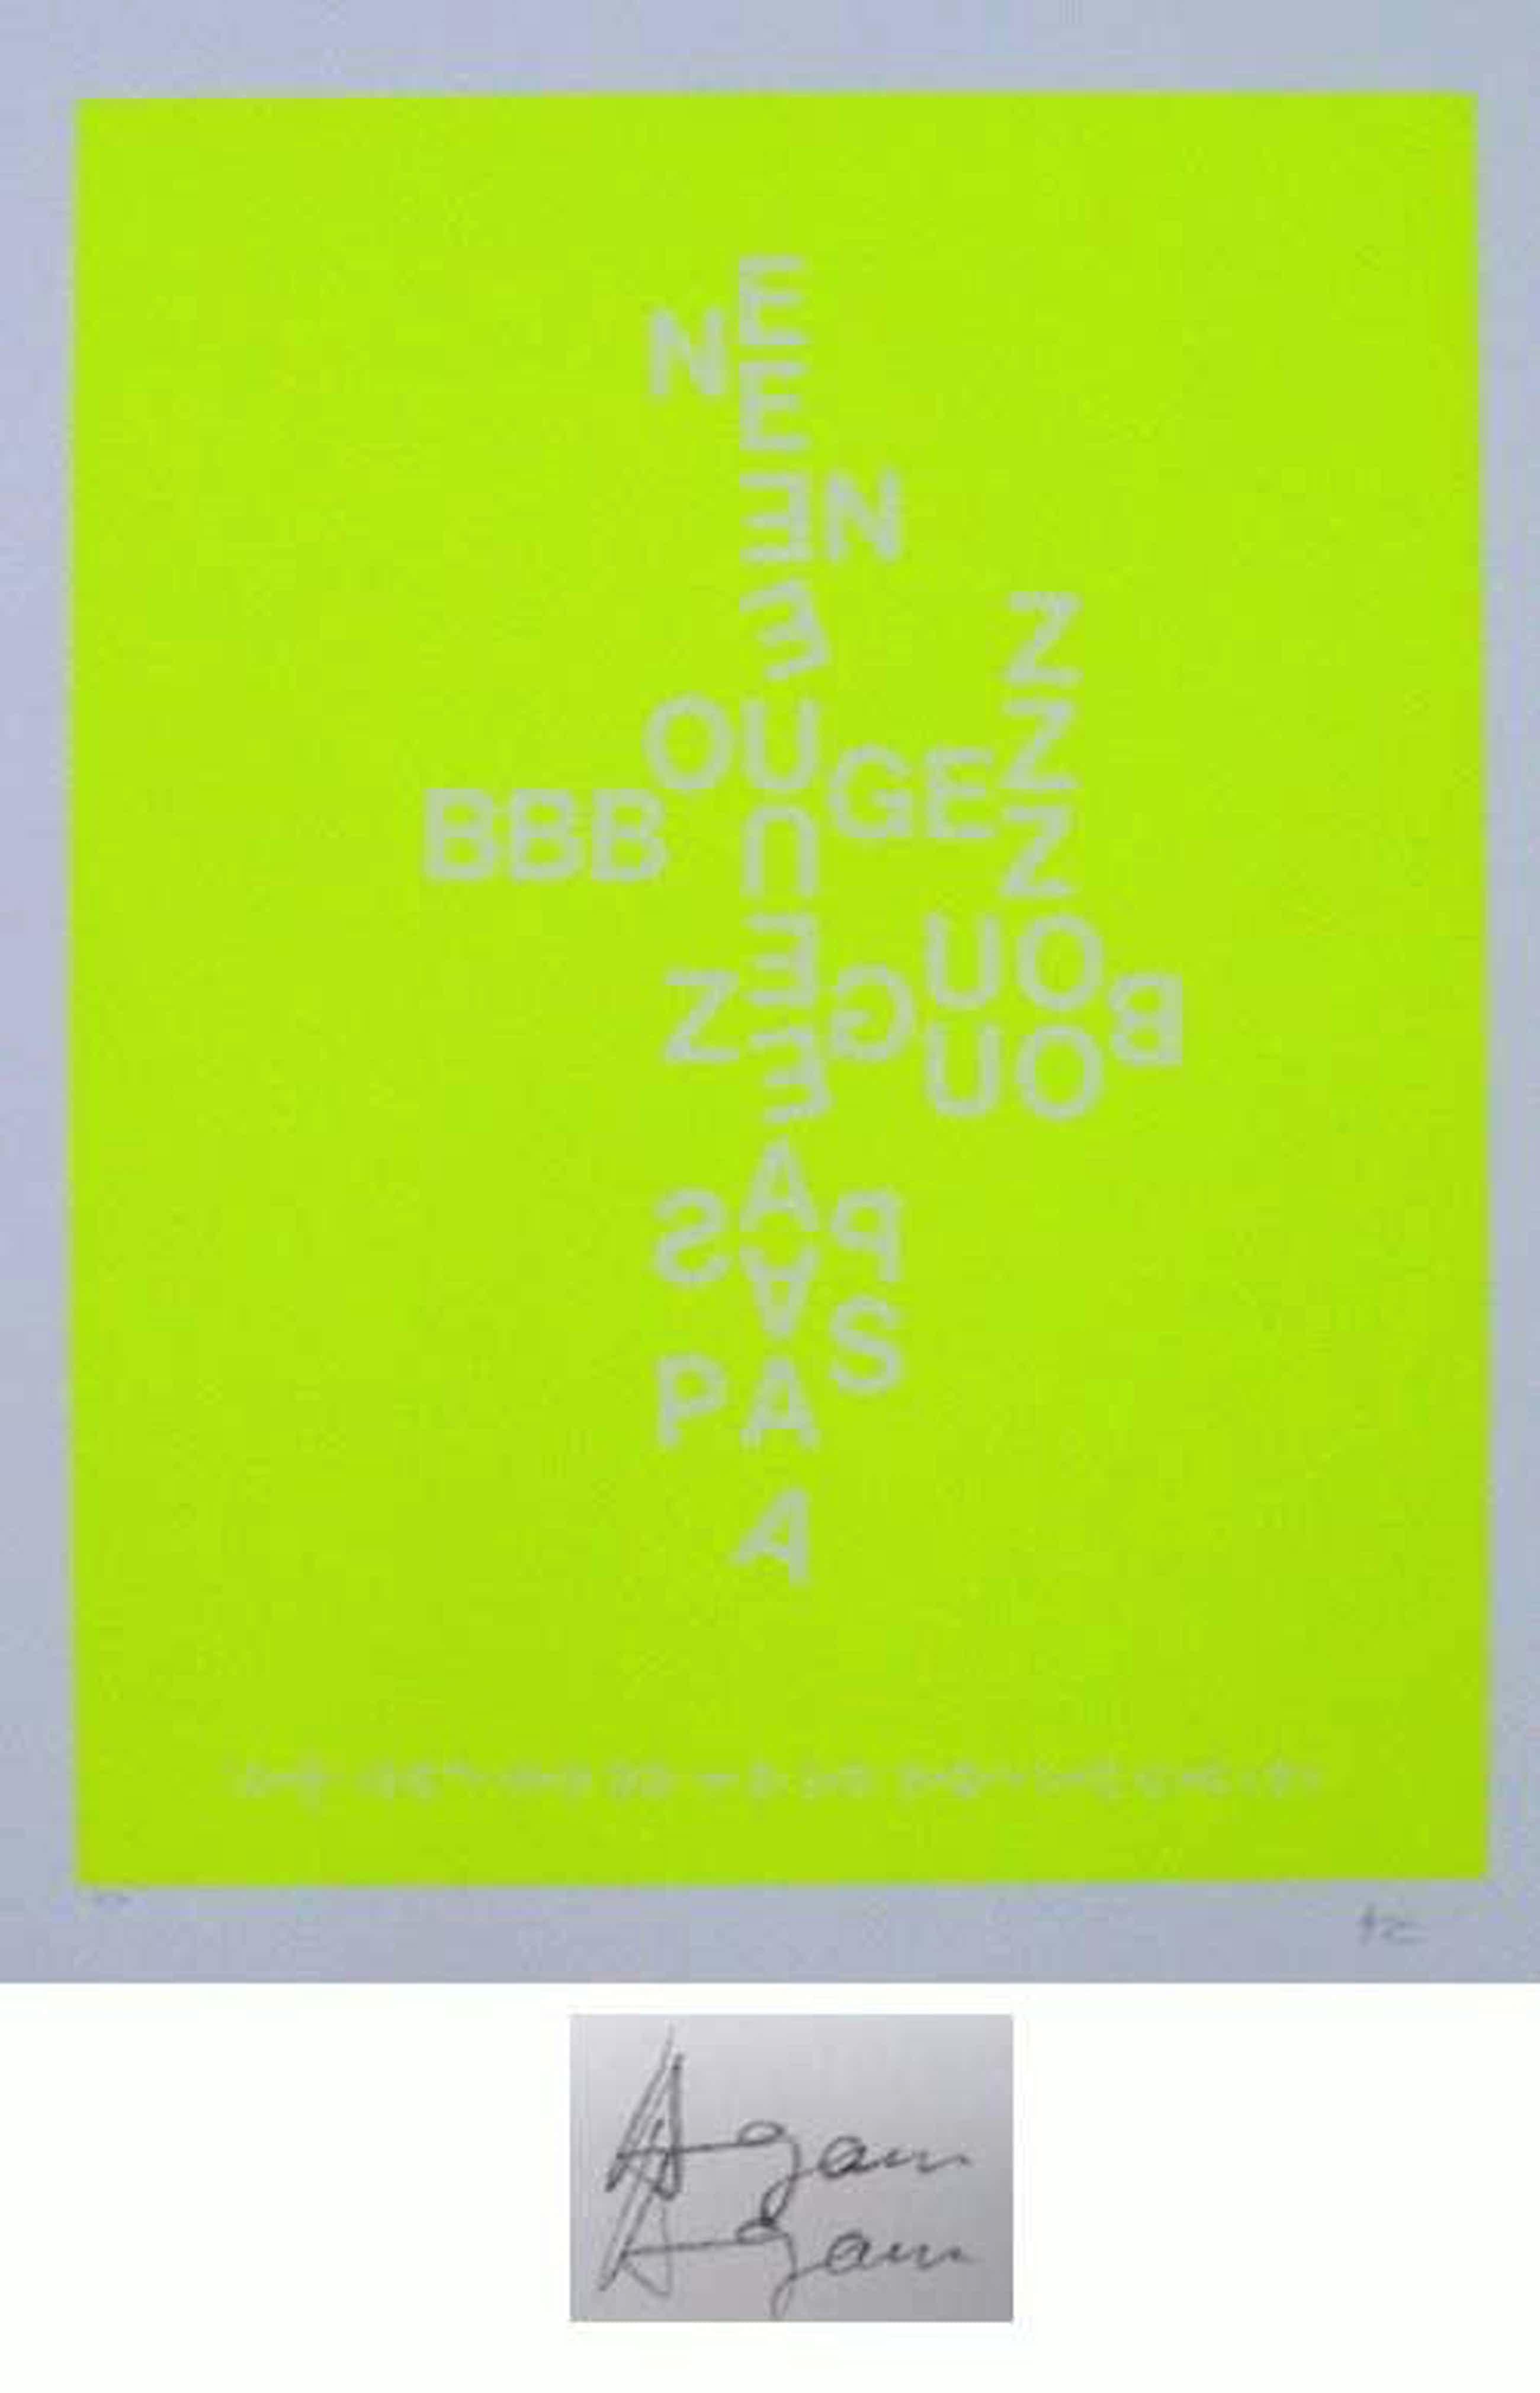 Yaacov Agam - -NE BOUGEZ PAS - GELB- Farbserigrafie, handsigniert und numeriert kopen? Bied vanaf 240!